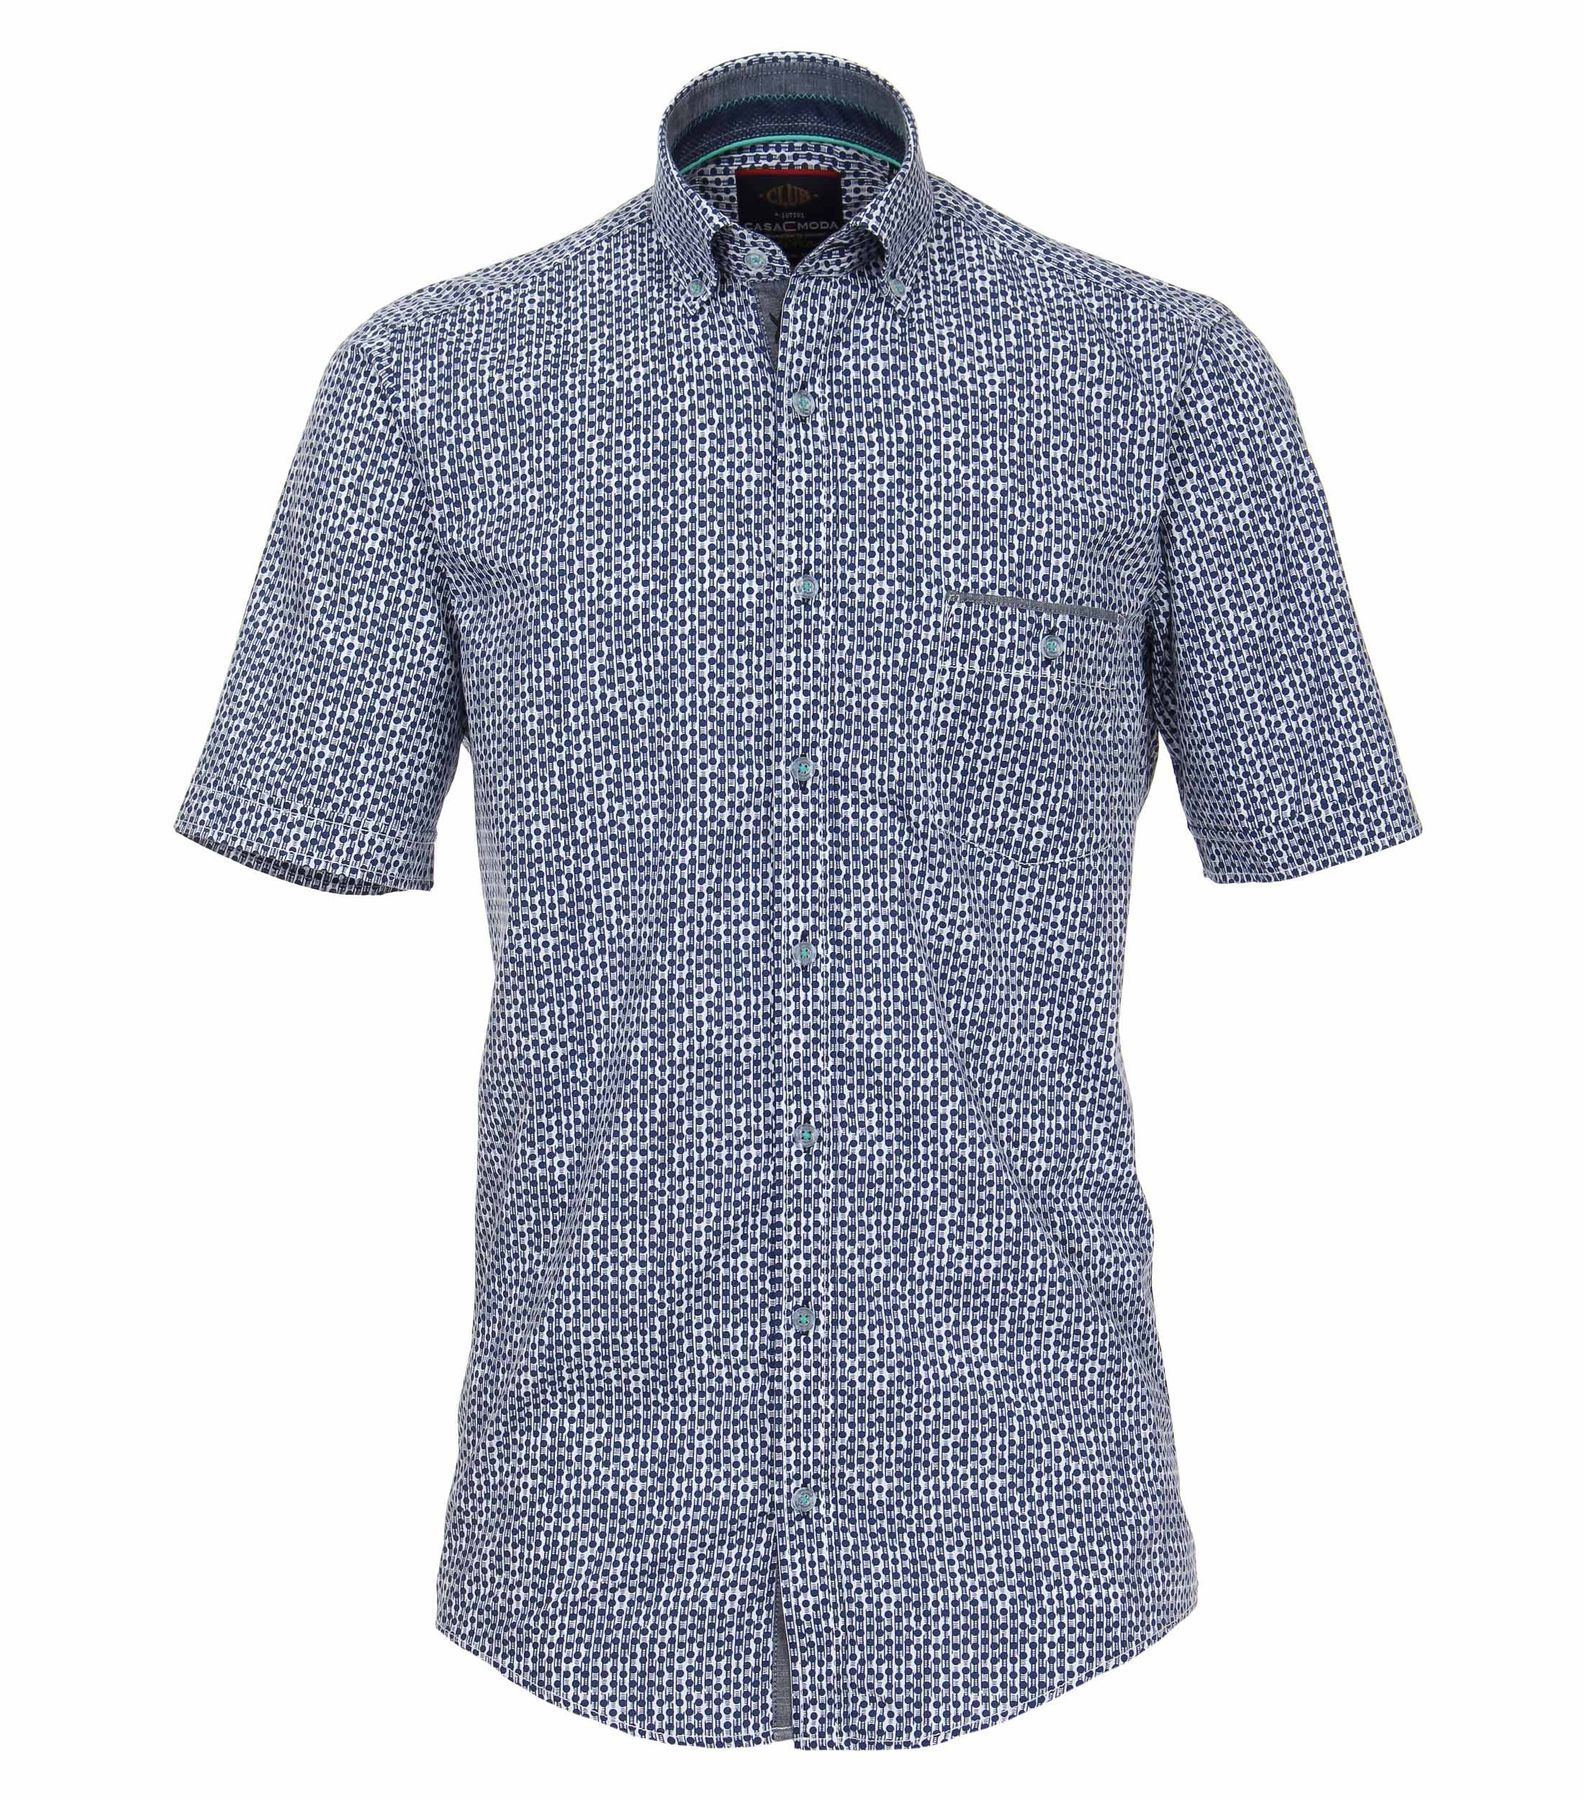 Casa Moda - Casual Fit - Herren Hemd Halbarm mit modischem Druck mit Button Down-Kragen in blau (982979200)